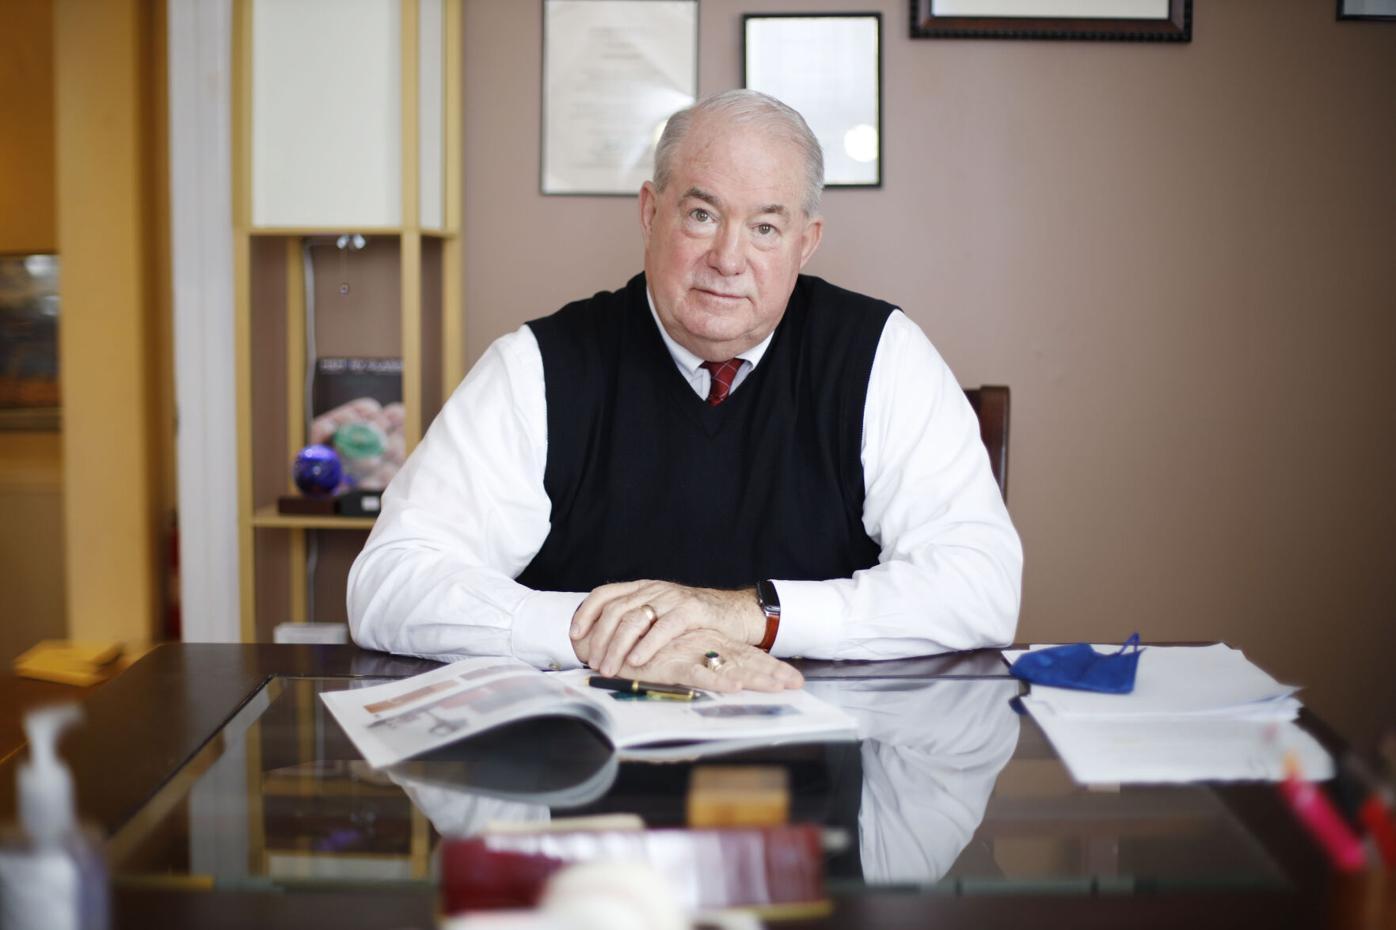 John Bresnahan